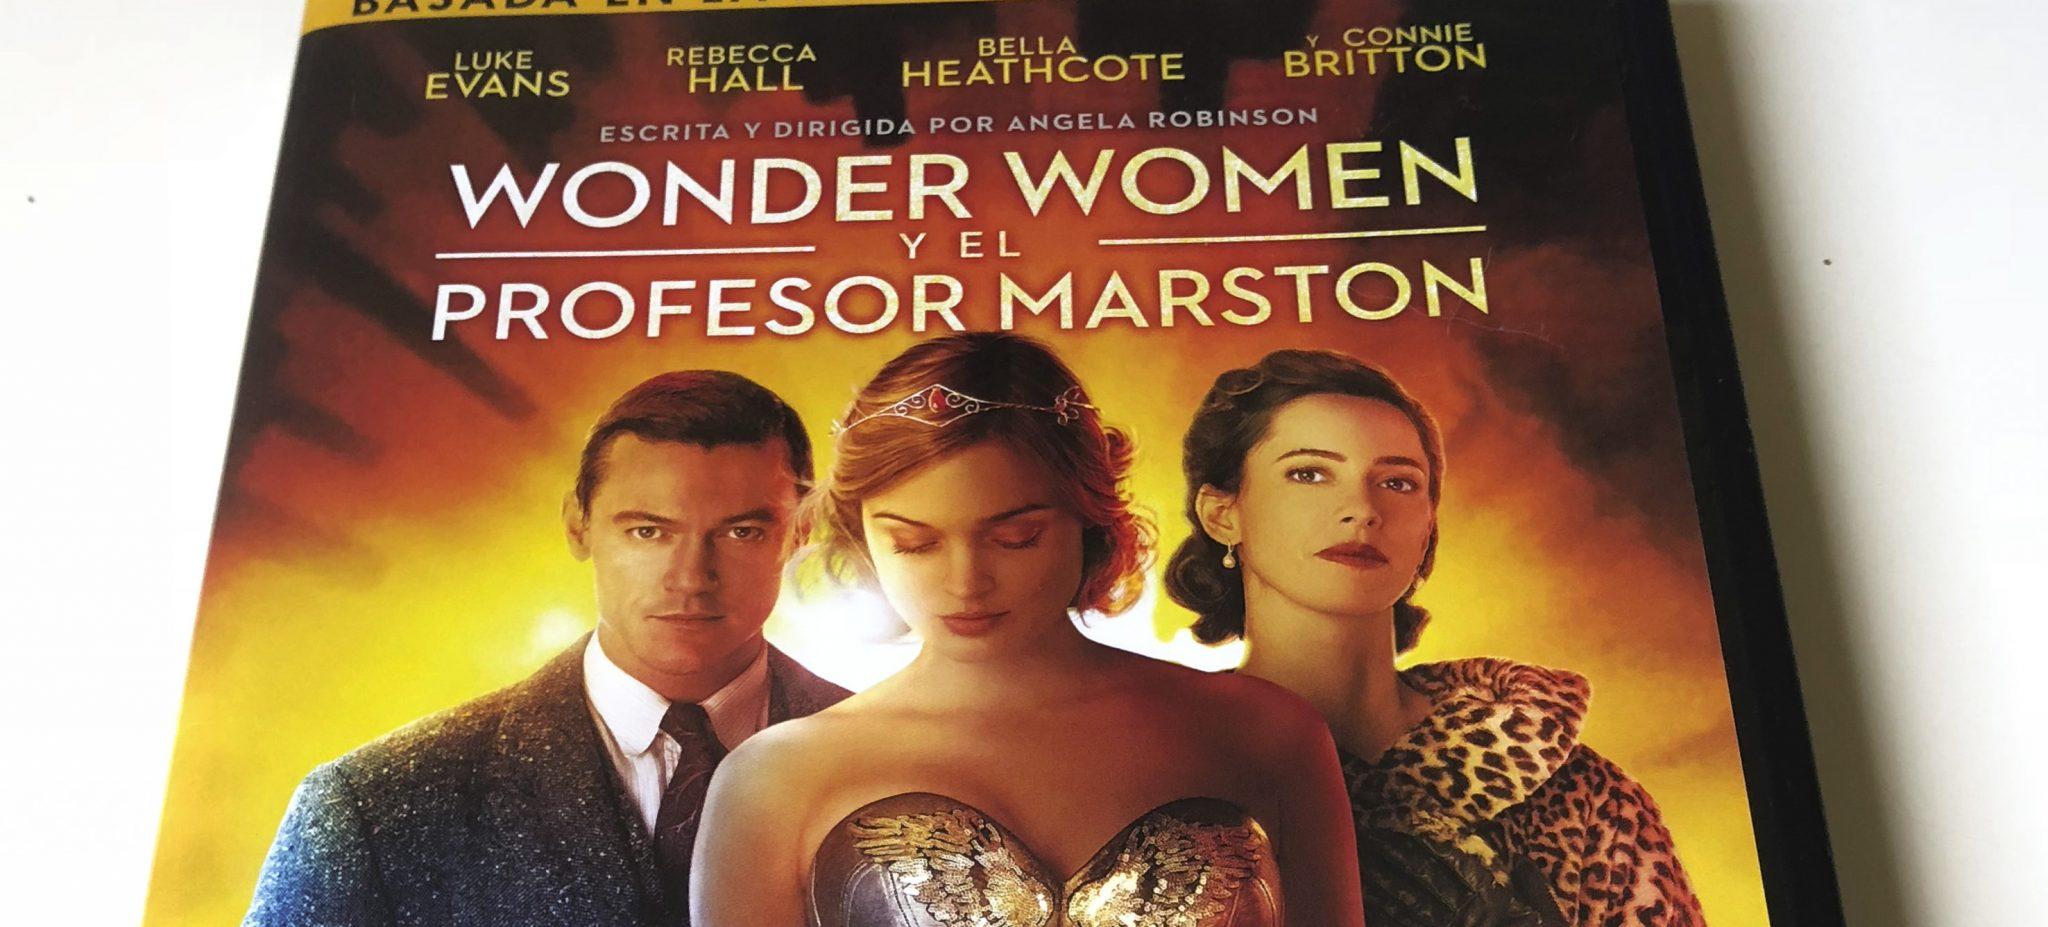 Análisis Del Dvd De Wonder Women Y El Profesor Marston